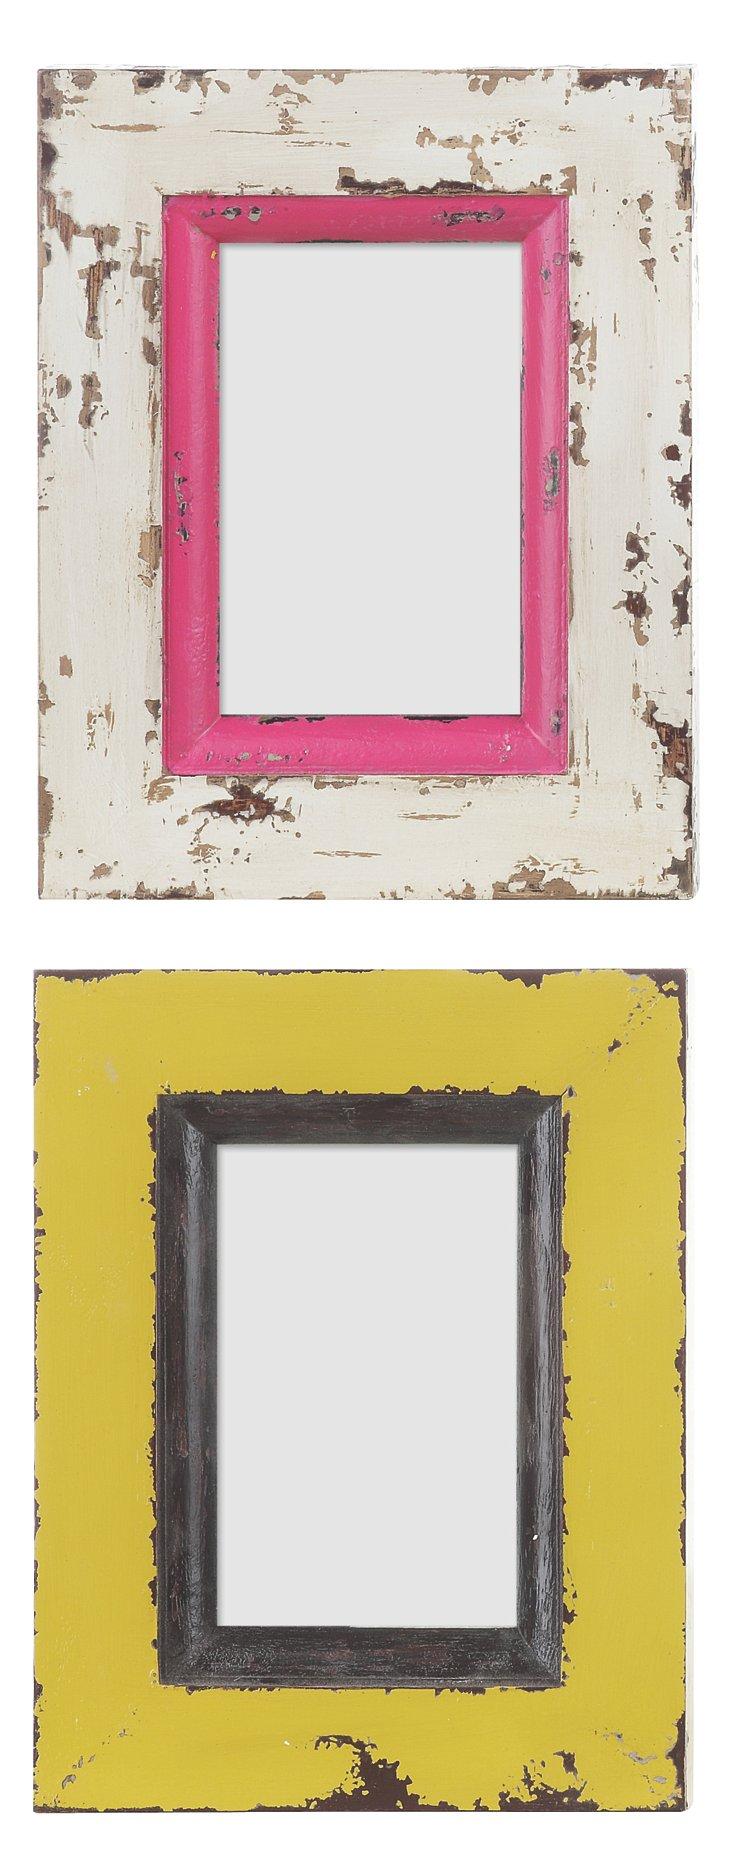 4x6 Photo Frames, Asst. of 2